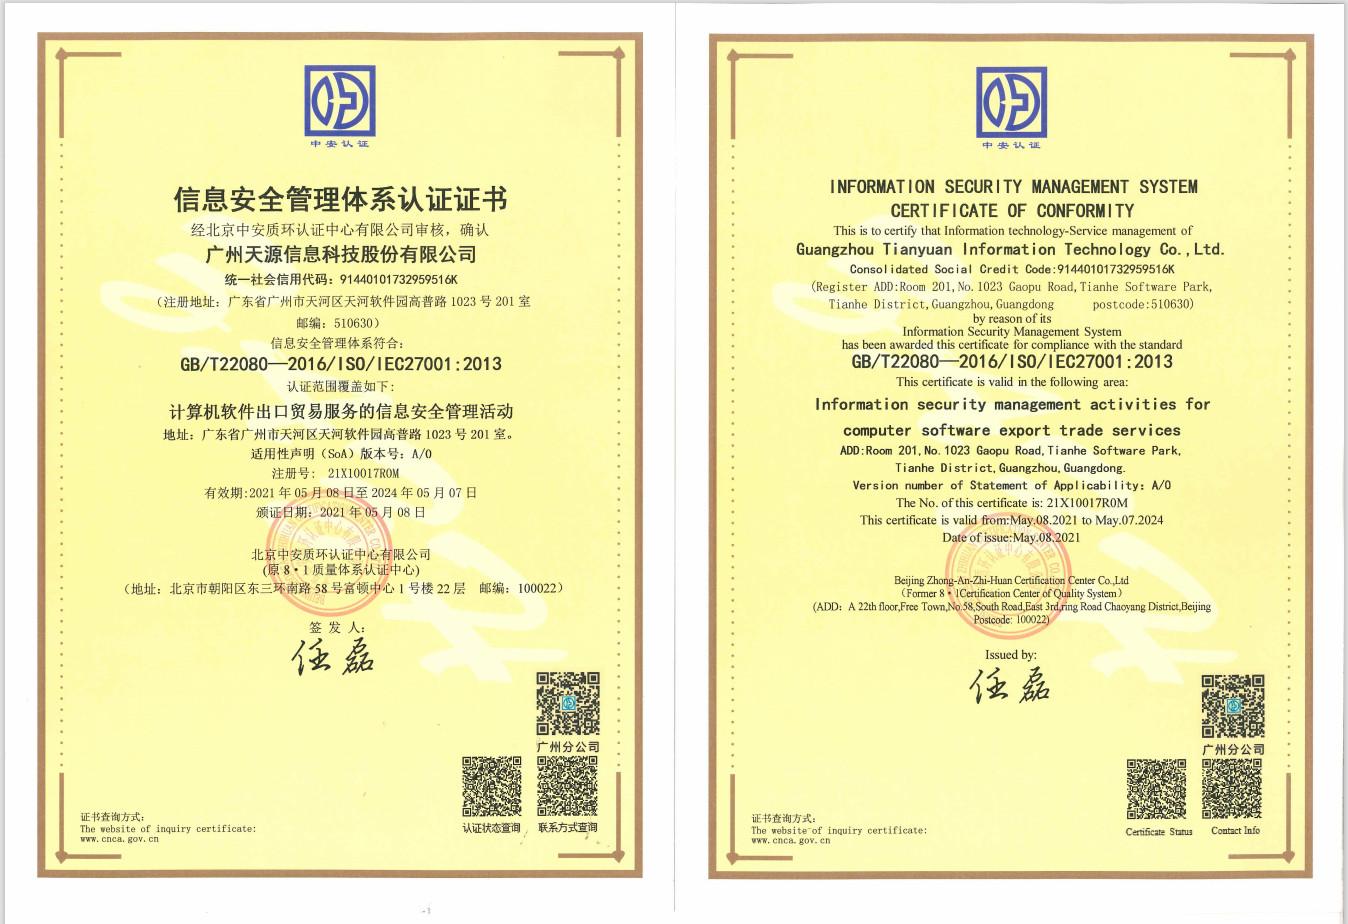 信息安全管理体系认证证书 天源210512 - 公司历史与沿革 |天源股份 – 产业互联网推动者!